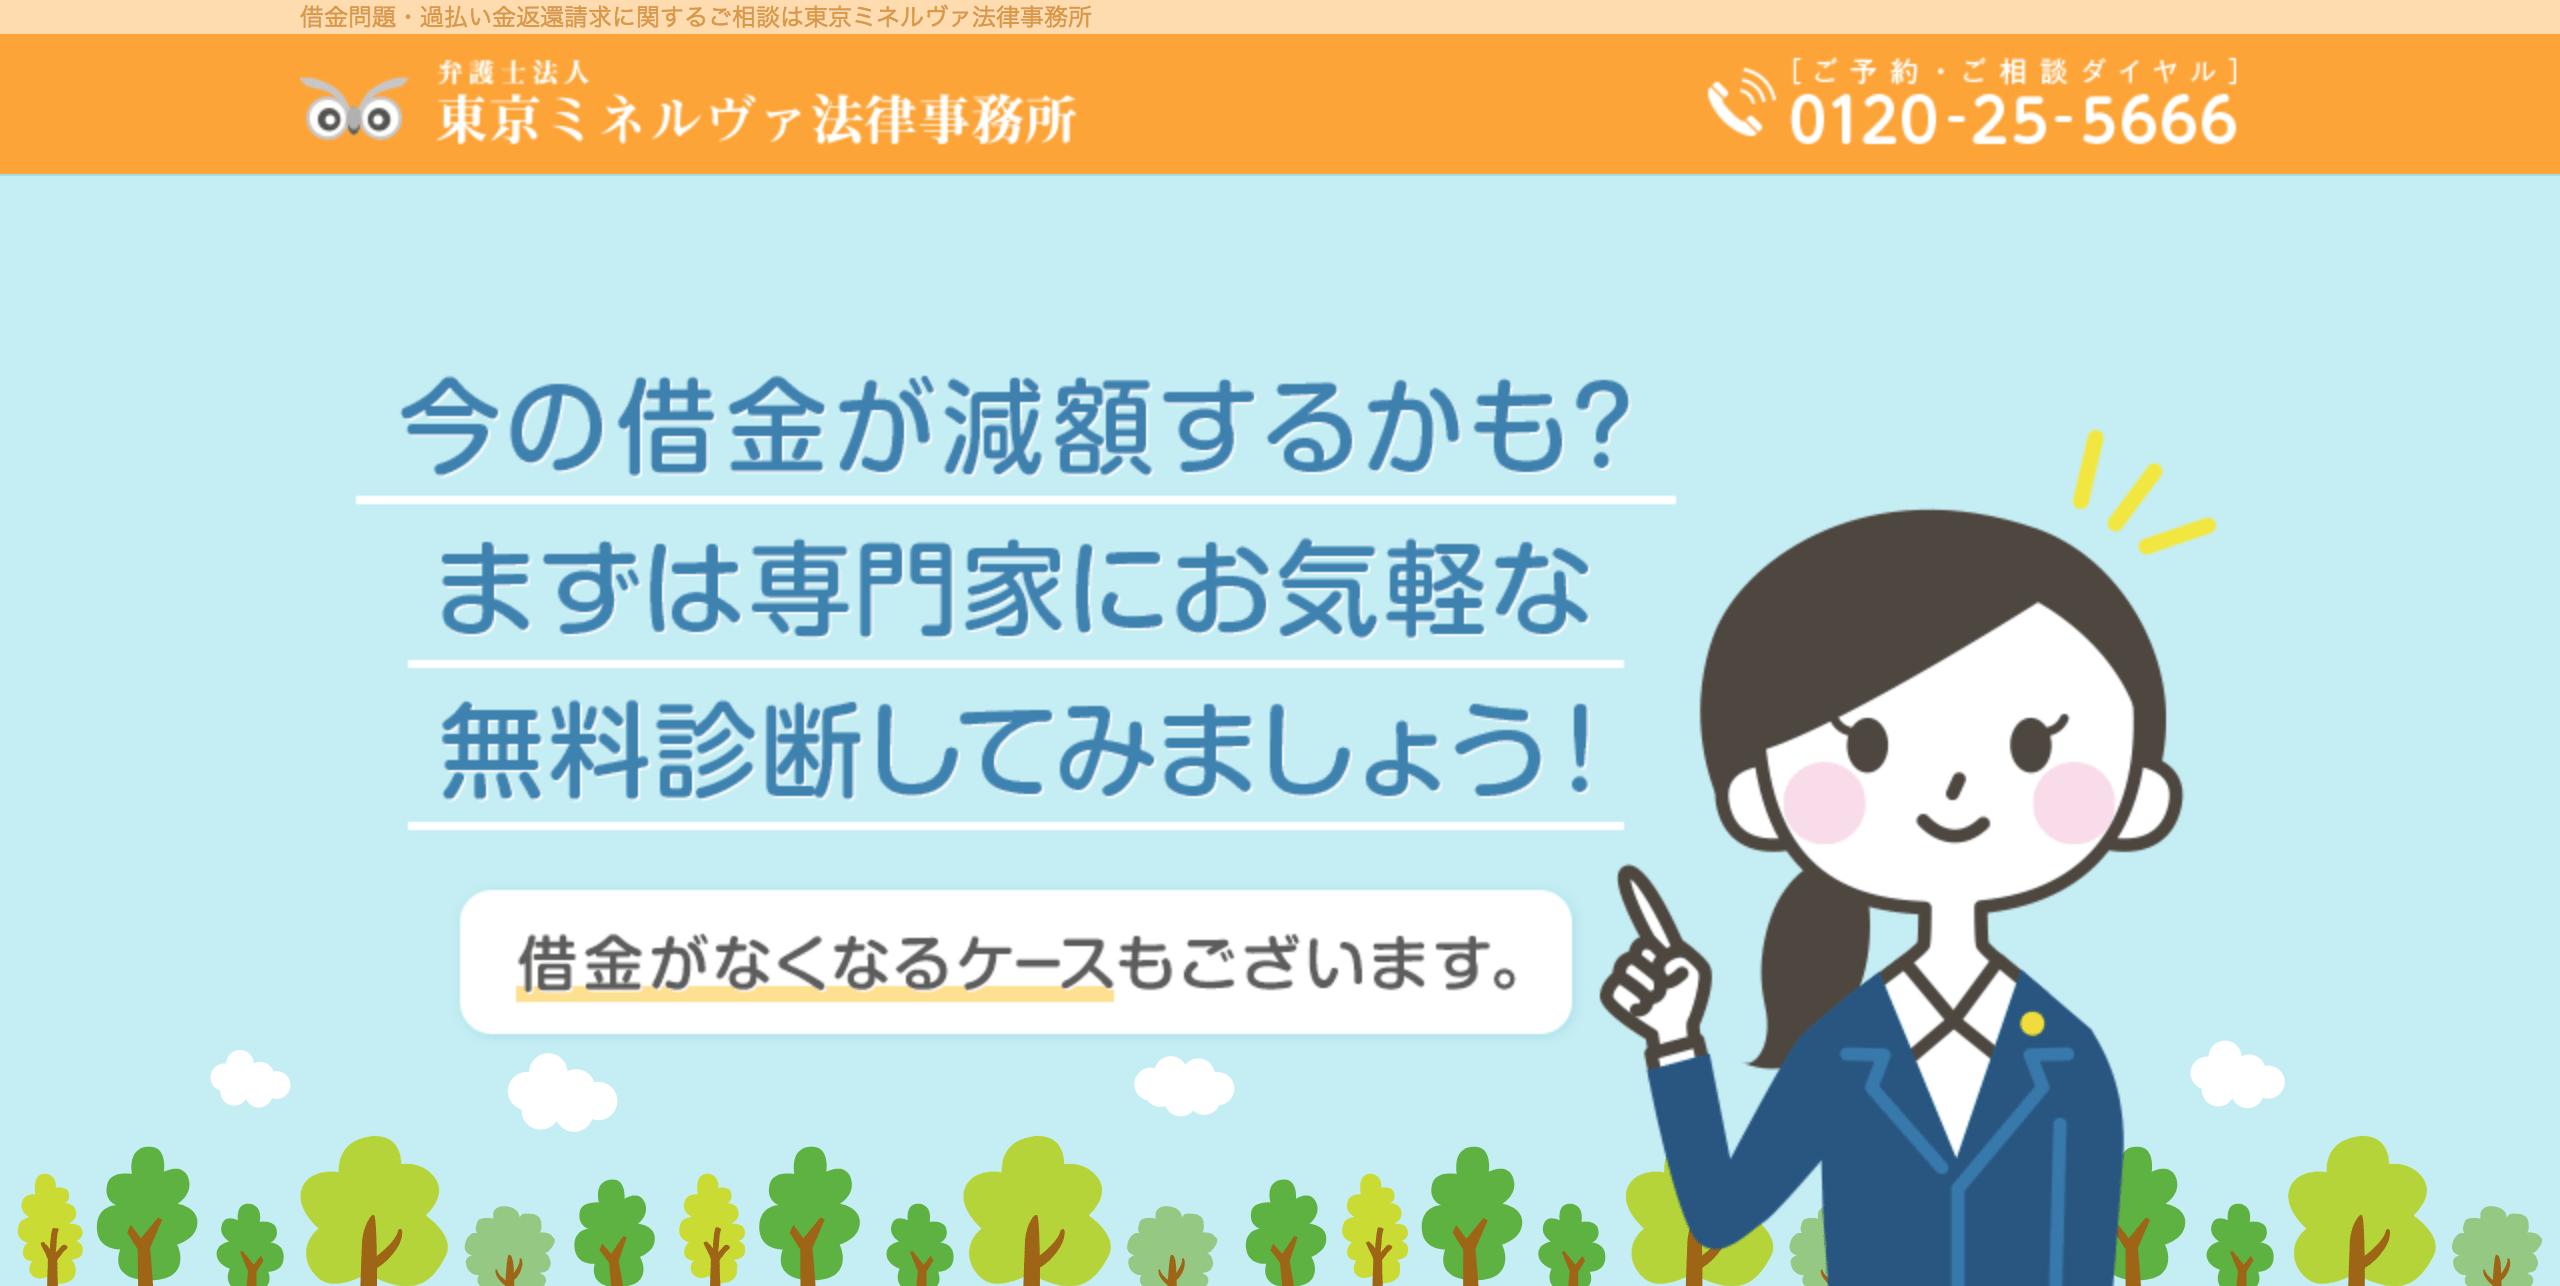 東京ミネルヴァ法律事務所 口コミ